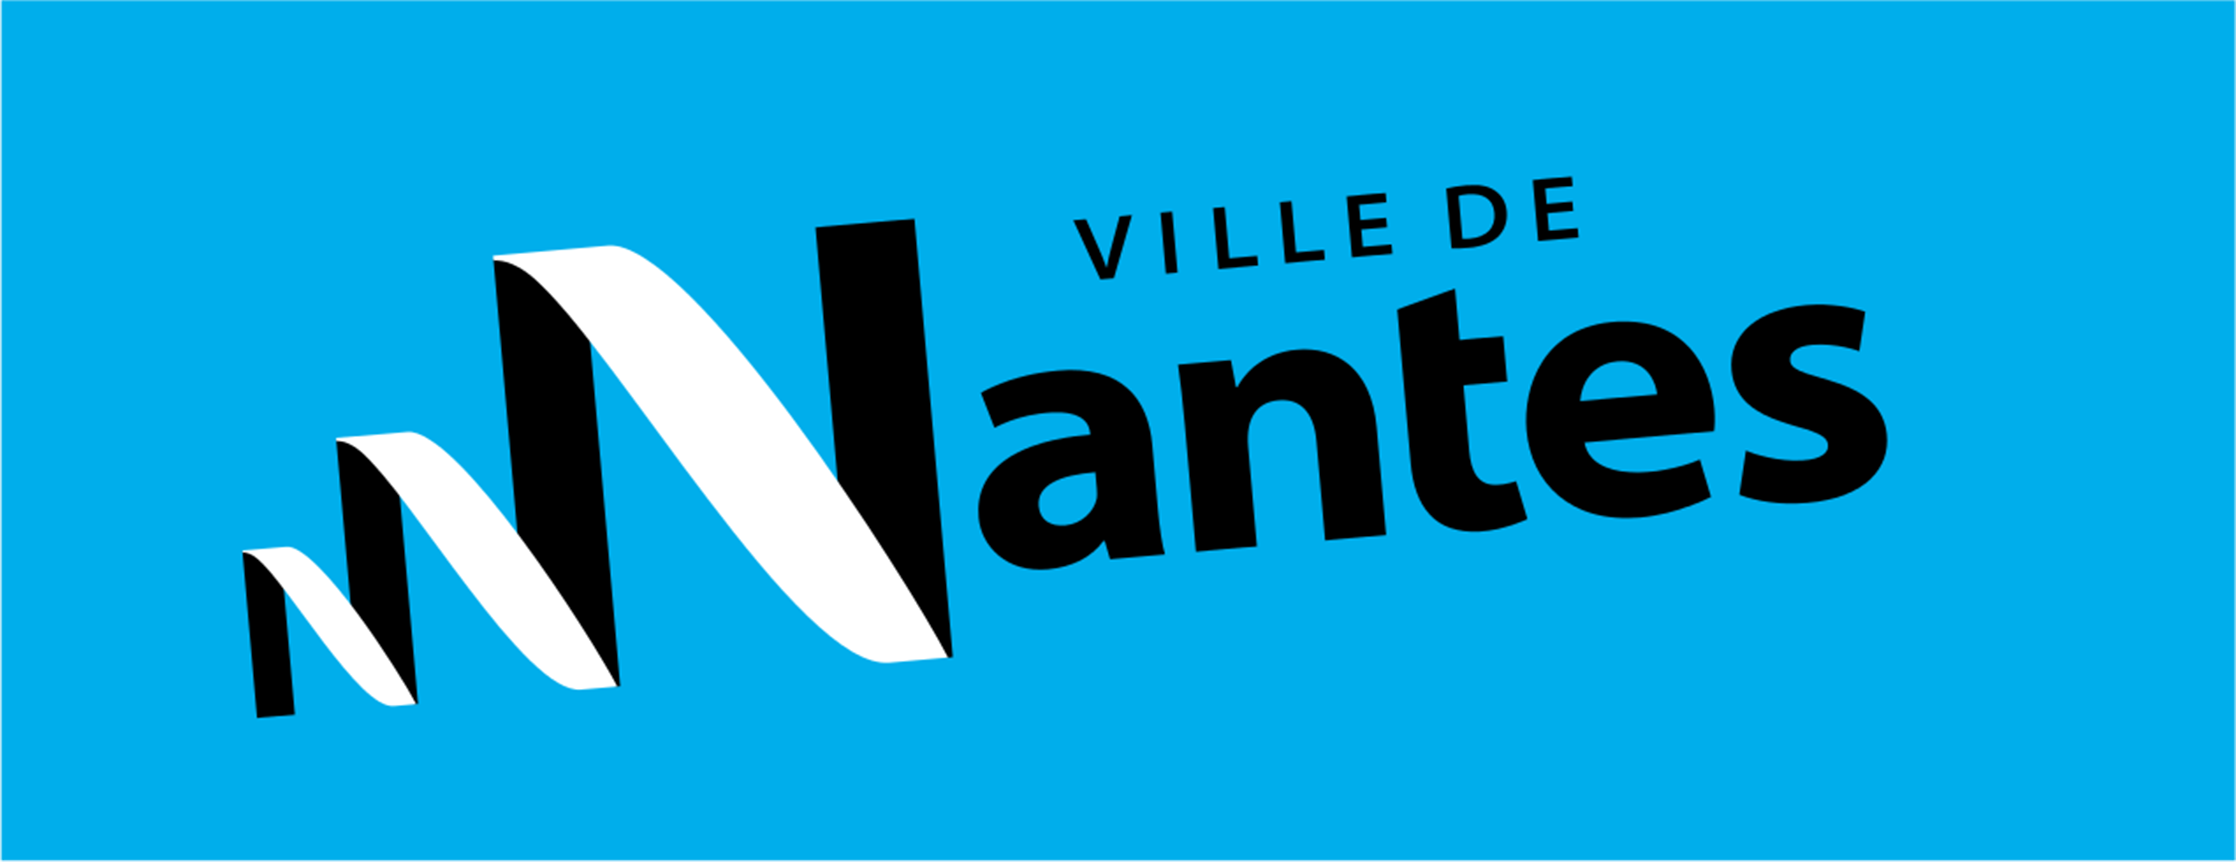 LOGO - Ville de Nantes